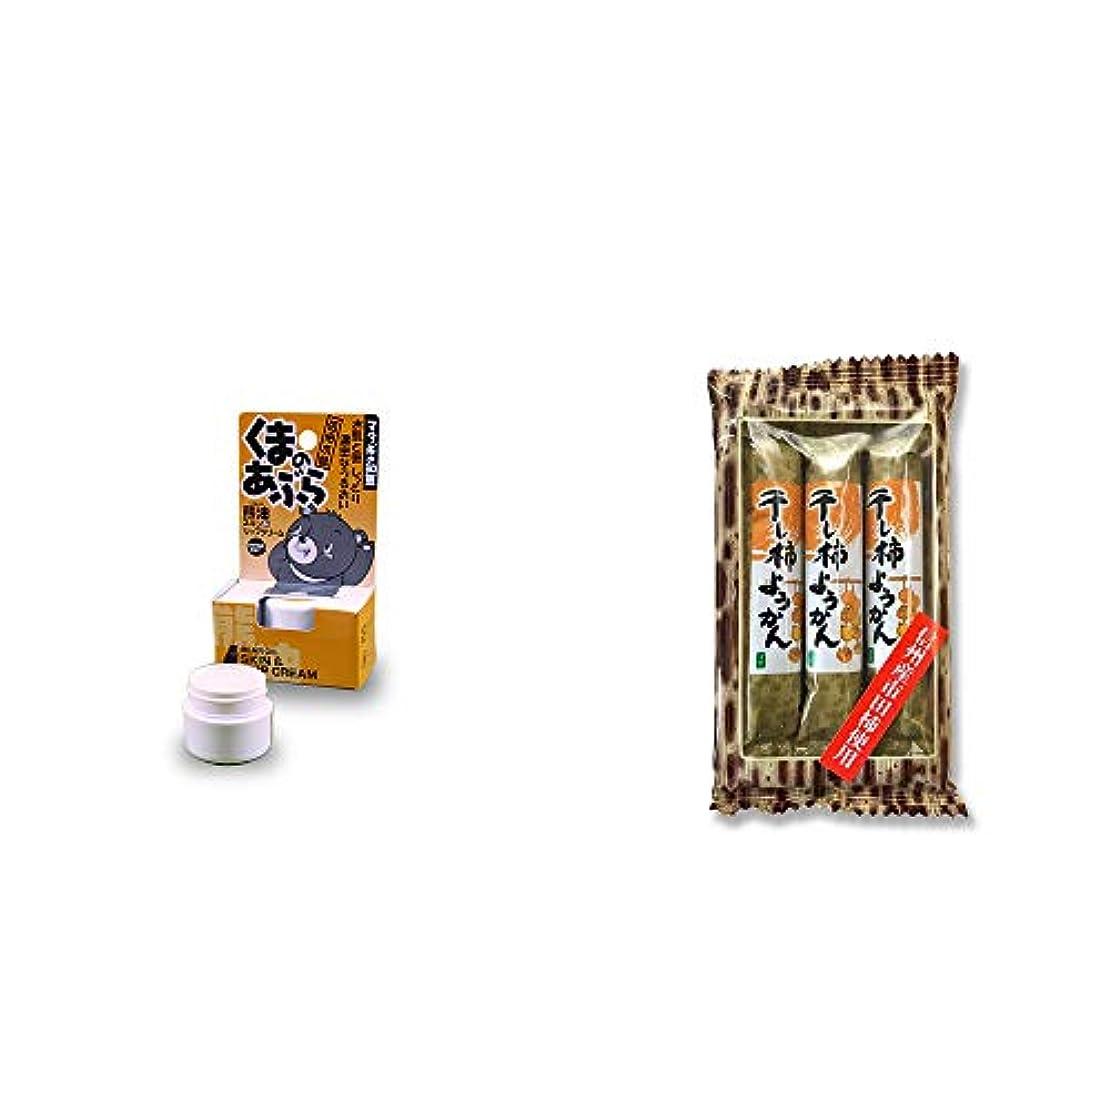 ただリーズビーム[2点セット] 信州木曽 くまのあぶら 熊油スキン&リップクリーム(9g)?信州産市田柿使用 スティックようかん[柿](50g×3本)